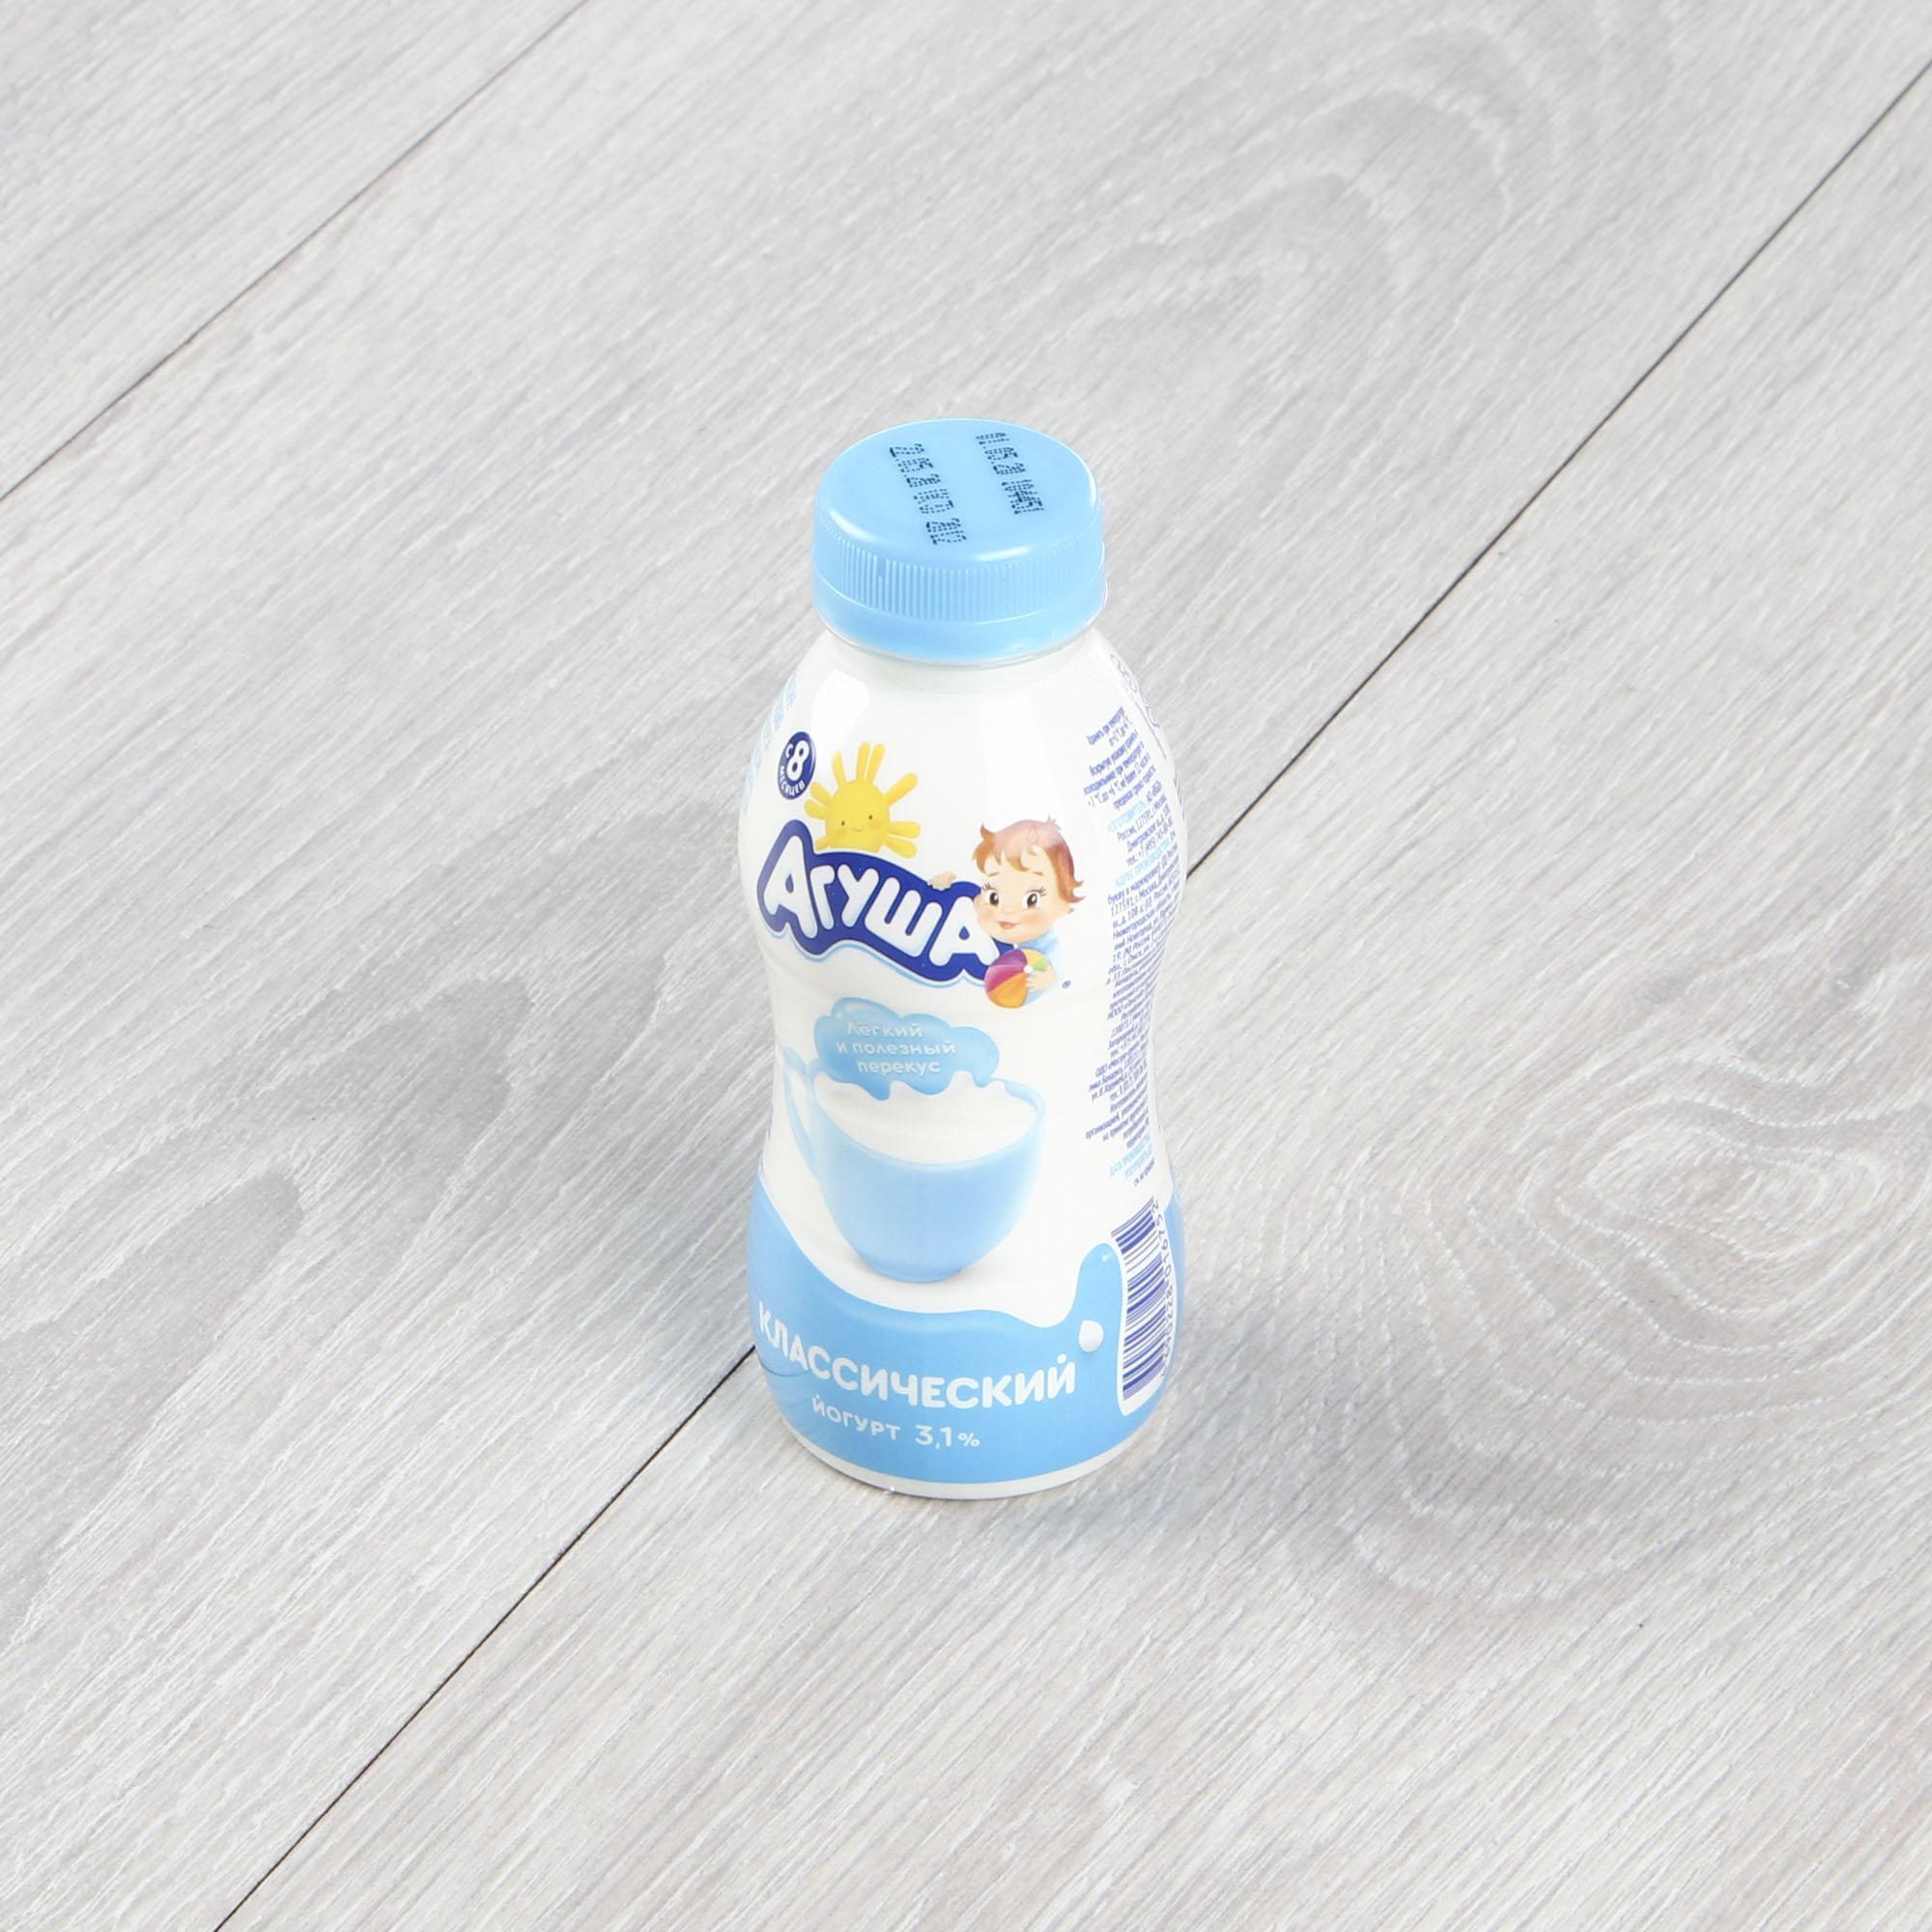 Йогурт питьевой Агуша Классический 3,1% 200 мл